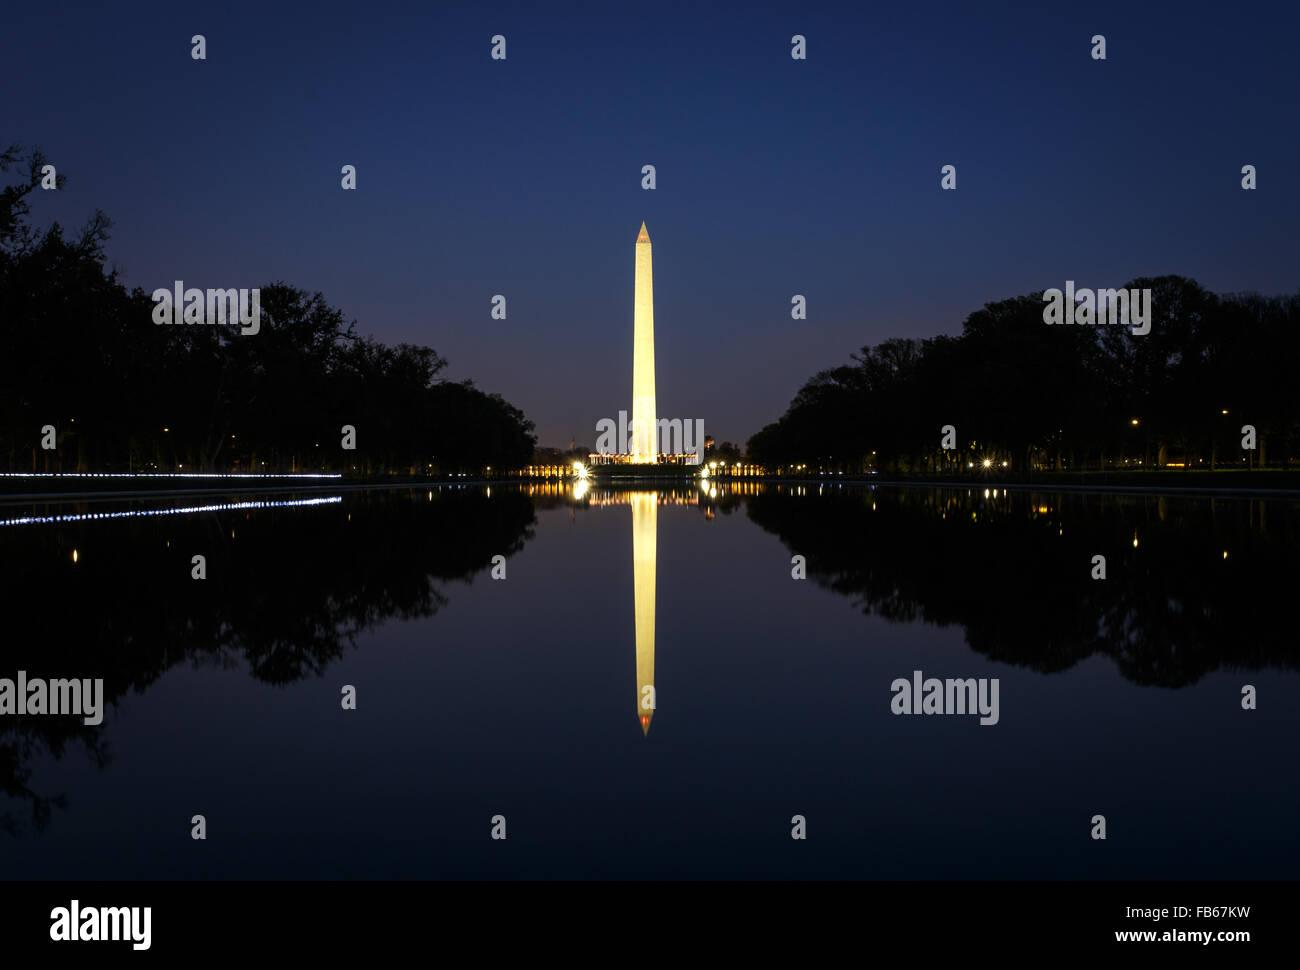 Washington Monument illuminated at night with reflection - Stock Image